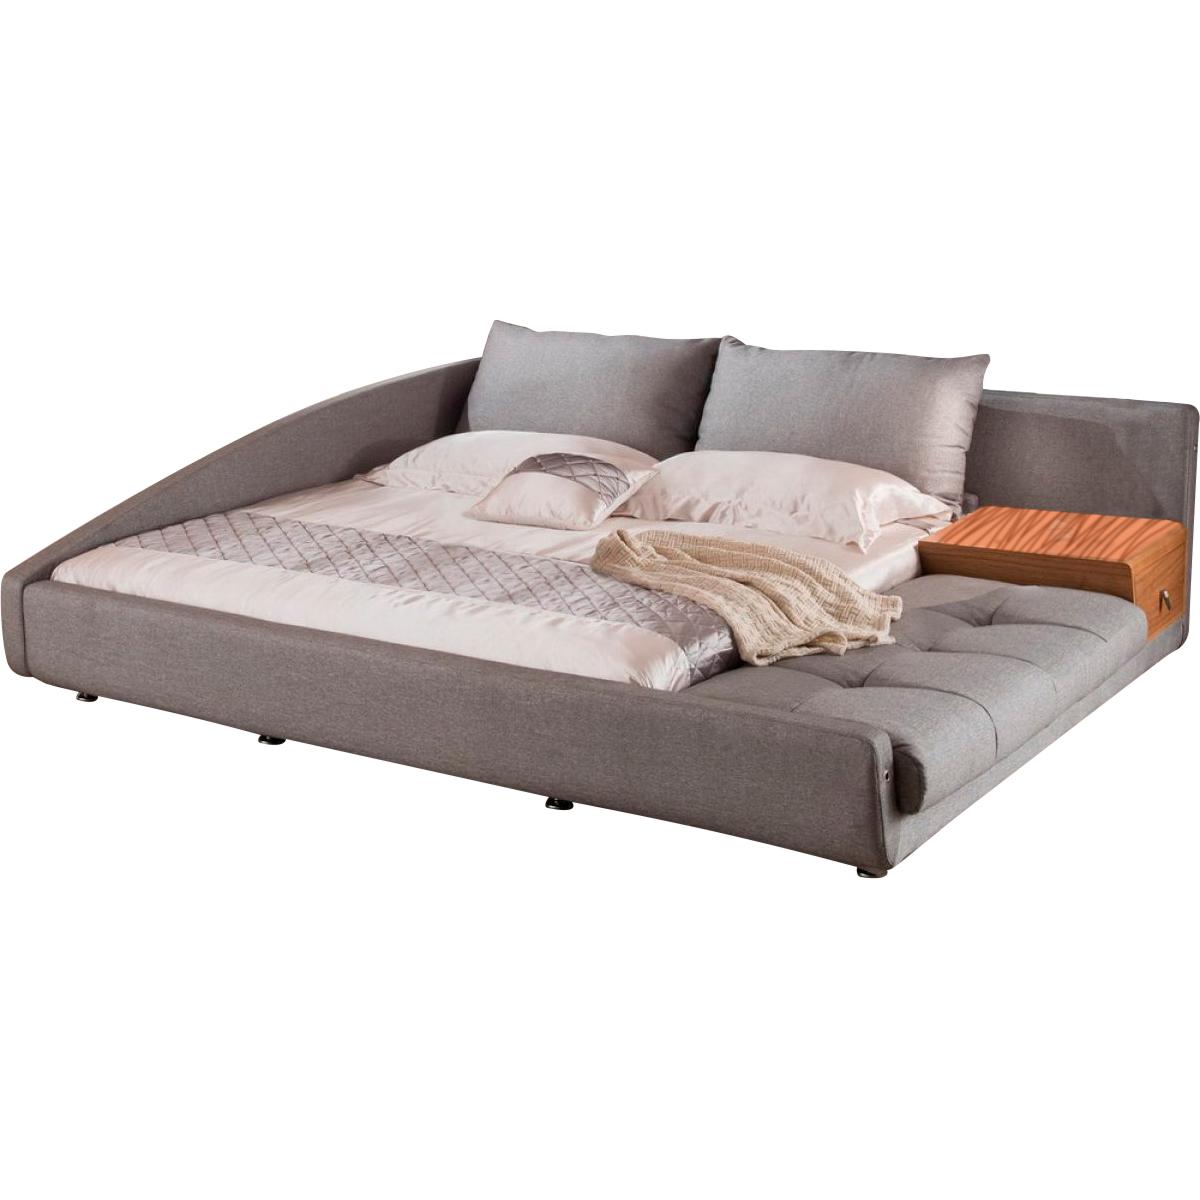 Кровать 1336 (160х200) серыйКровати с мягким изголовьем<br>Кровать выполнена в современном скандинавском стиле. Очень оригинальное решение дизайнера по объединению дивана и кровати отлично подойдет для жителей мегаполиса. Данная кровать может быть использована как с левым, так и с правым углом. Угол можно поменять при сборке кровати. Прикроватная тумбочка входит в комплект. Тумбочка покрыта натуральным шпоном ценных пород дерева. Размер спального места: 160X200 см. Ламели входят в стоимость.<br><br>Material: Текстиль<br>Length см: 233<br>Width см: 236<br>Height см: 74